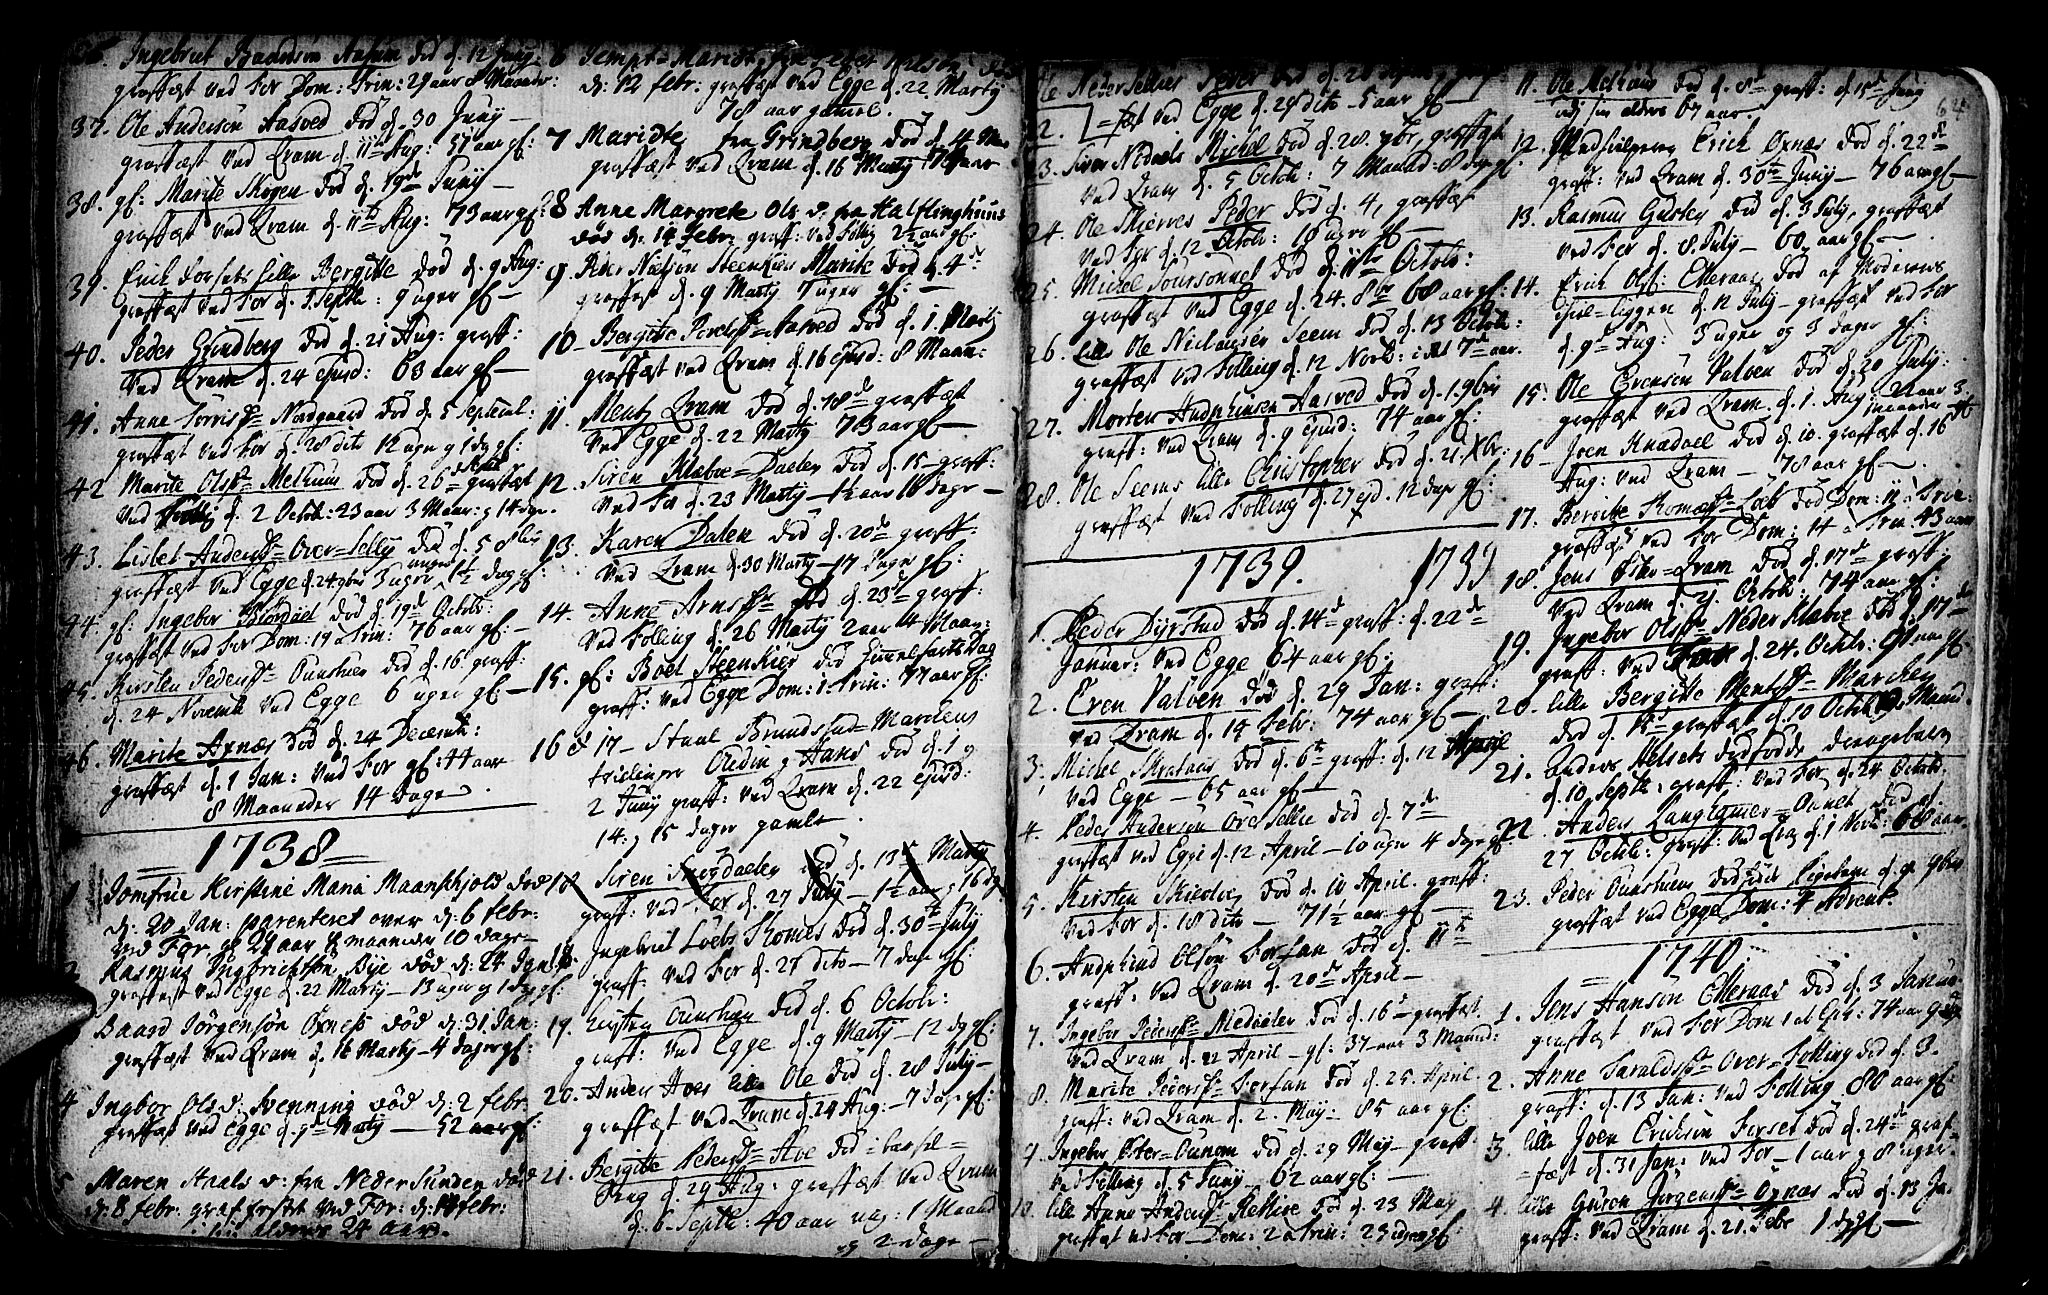 SAT, Ministerialprotokoller, klokkerbøker og fødselsregistre - Nord-Trøndelag, 746/L0439: Ministerialbok nr. 746A01, 1688-1759, s. 64